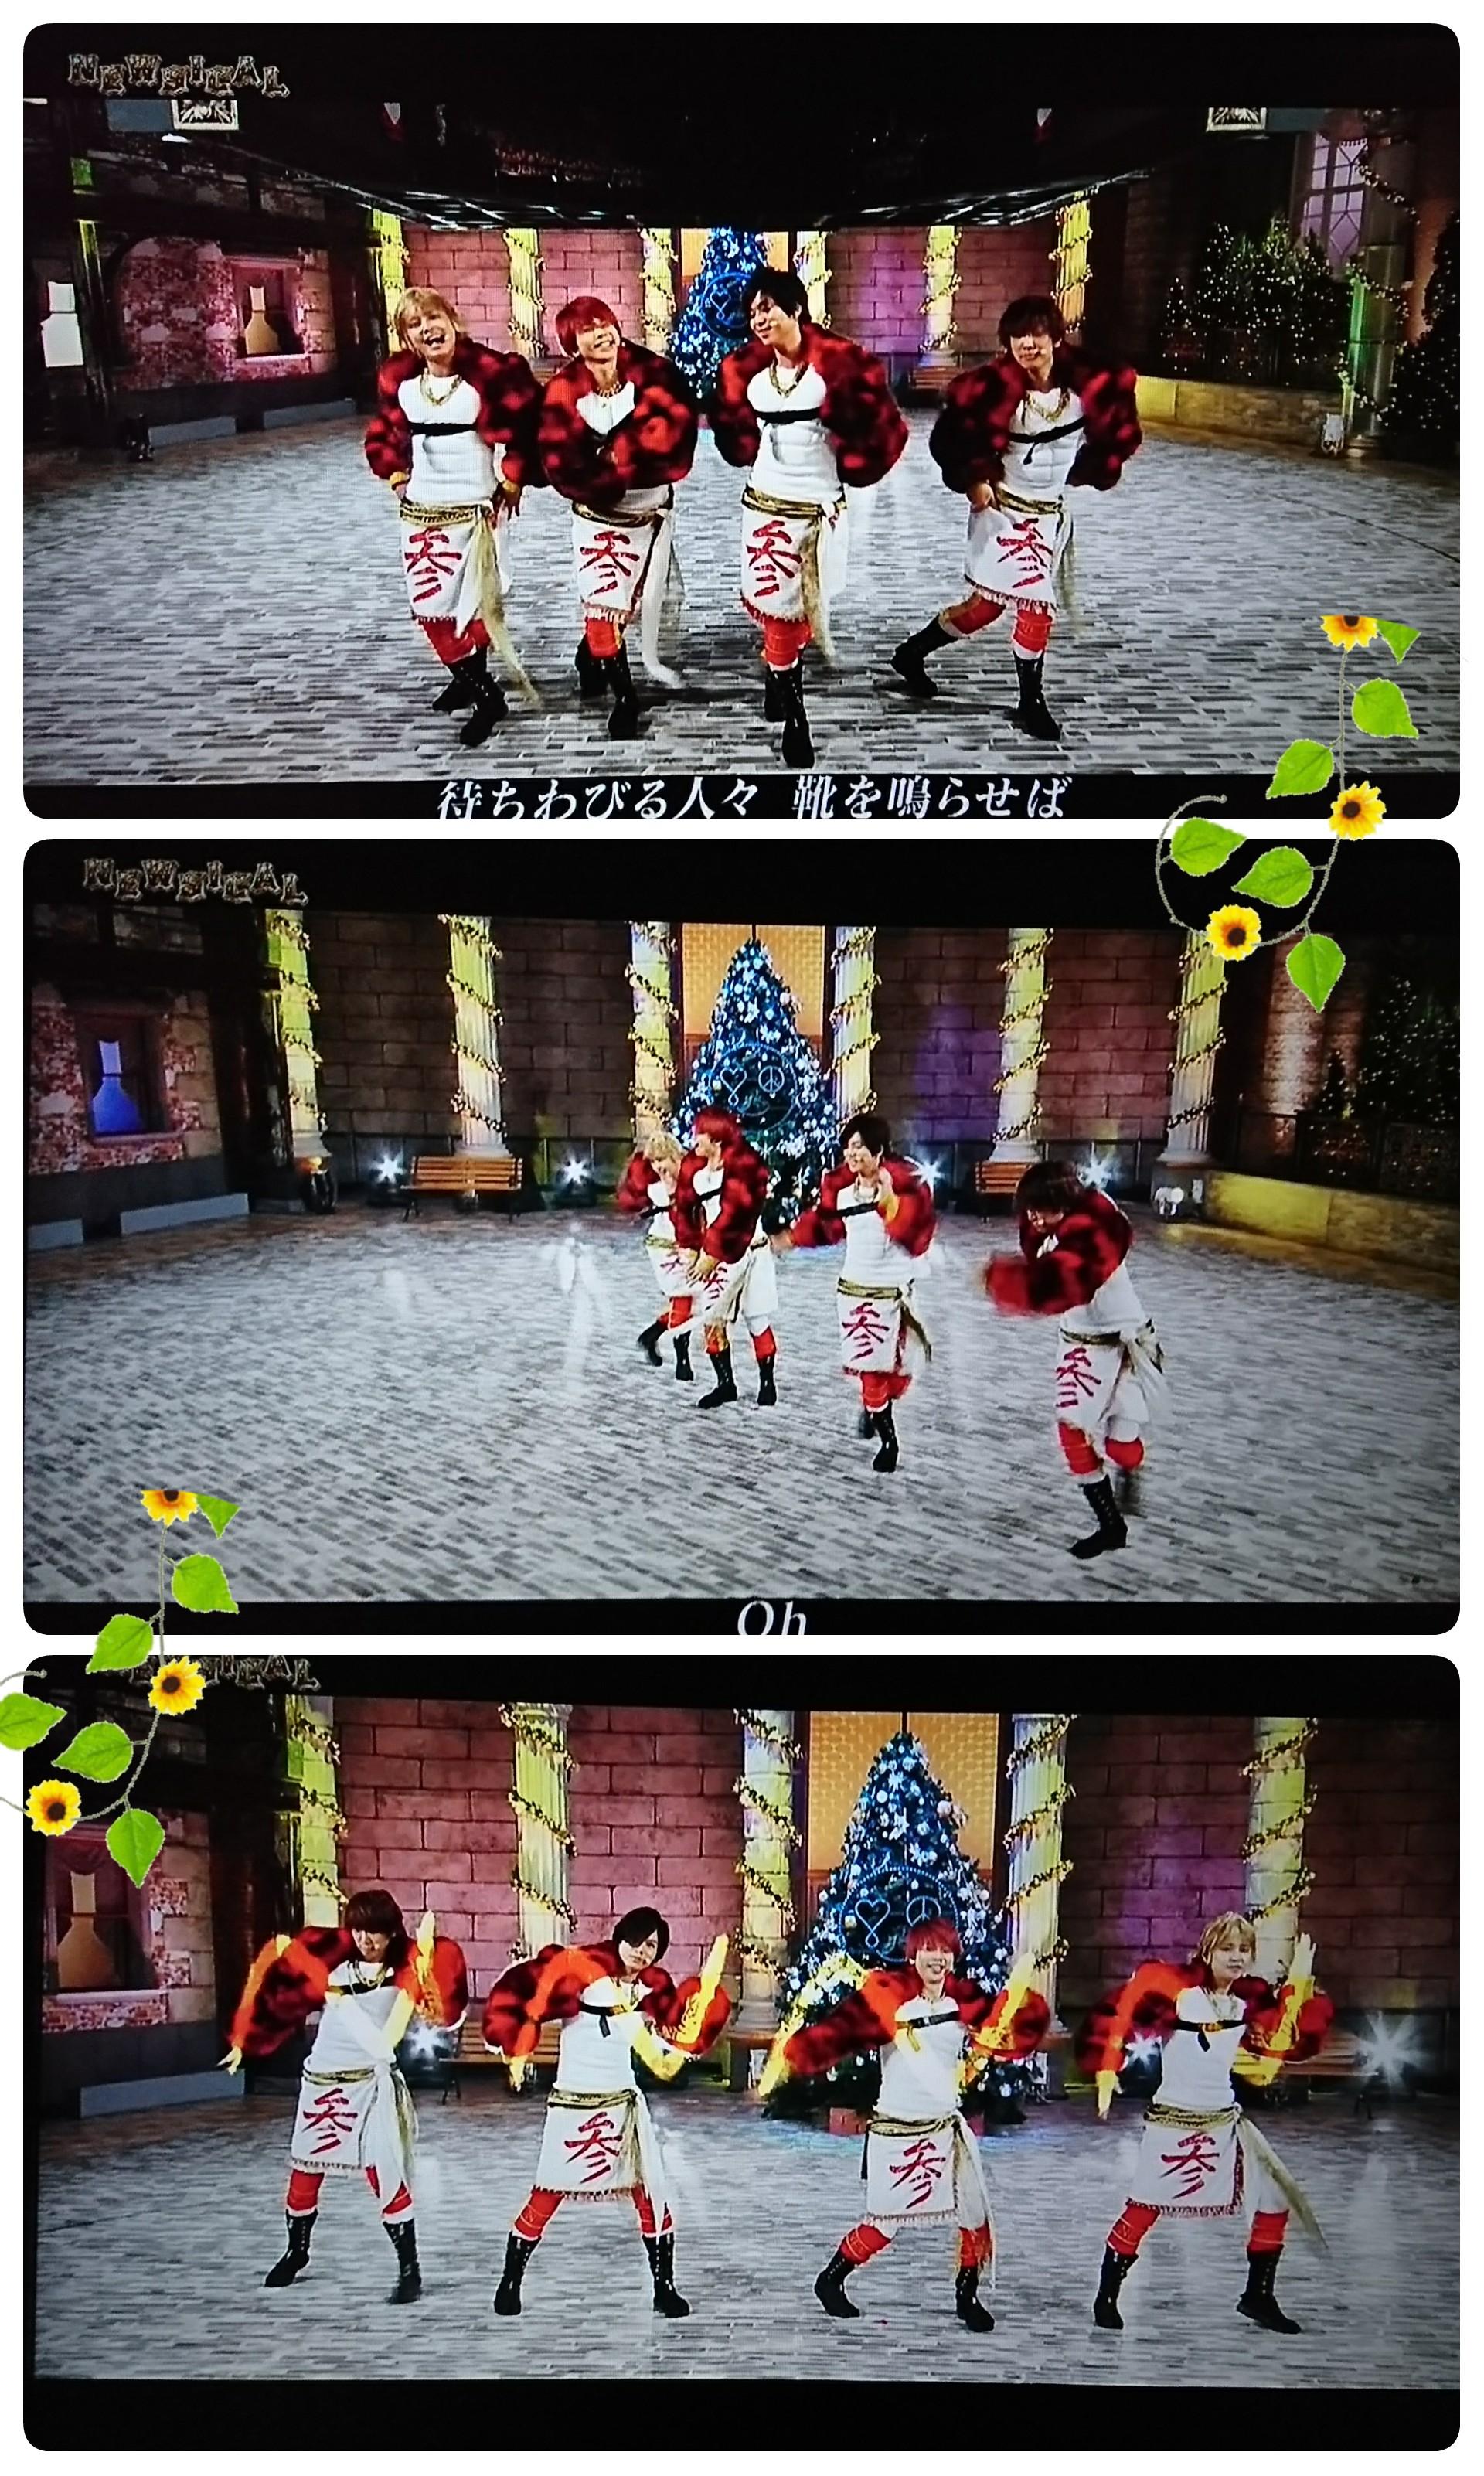 f:id:sunflower-shigeaki:20171231203214j:plain